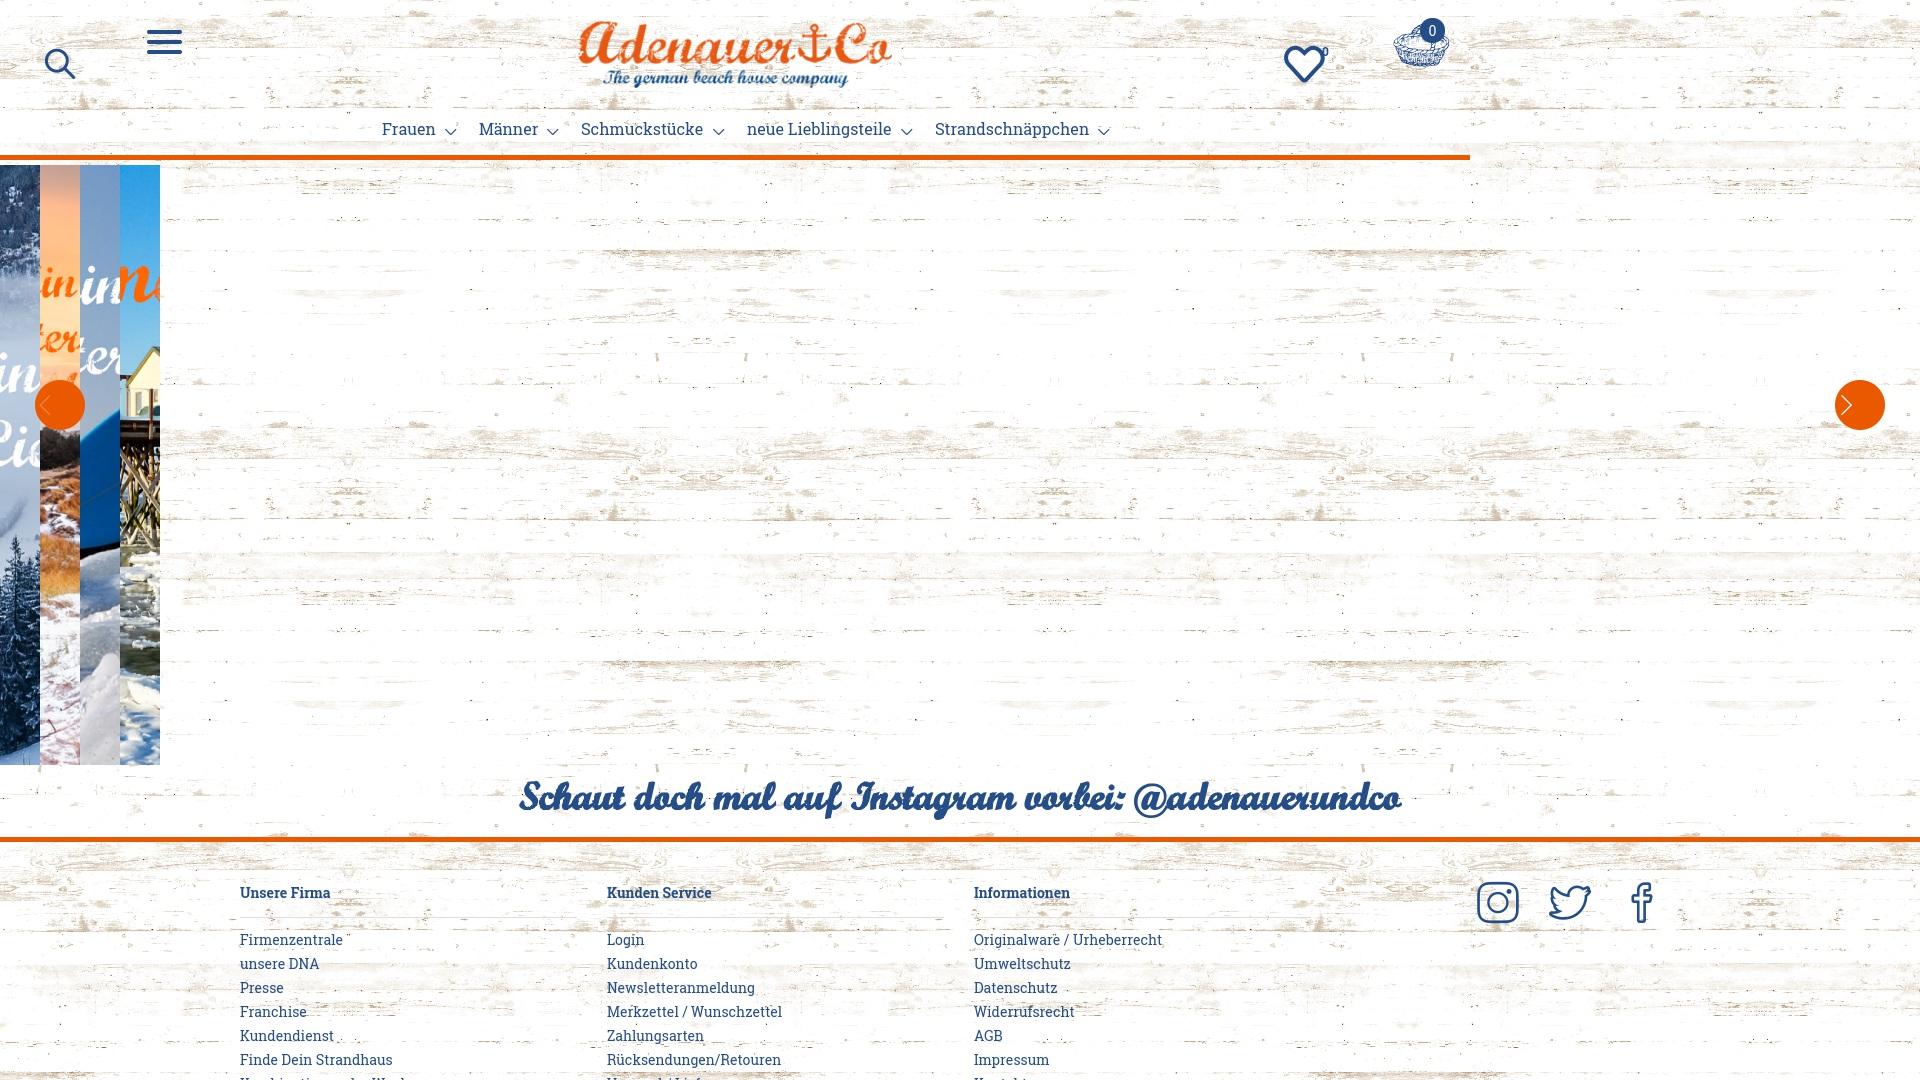 Gutschein für Adenauer: Rabatte für  Adenauer sichern